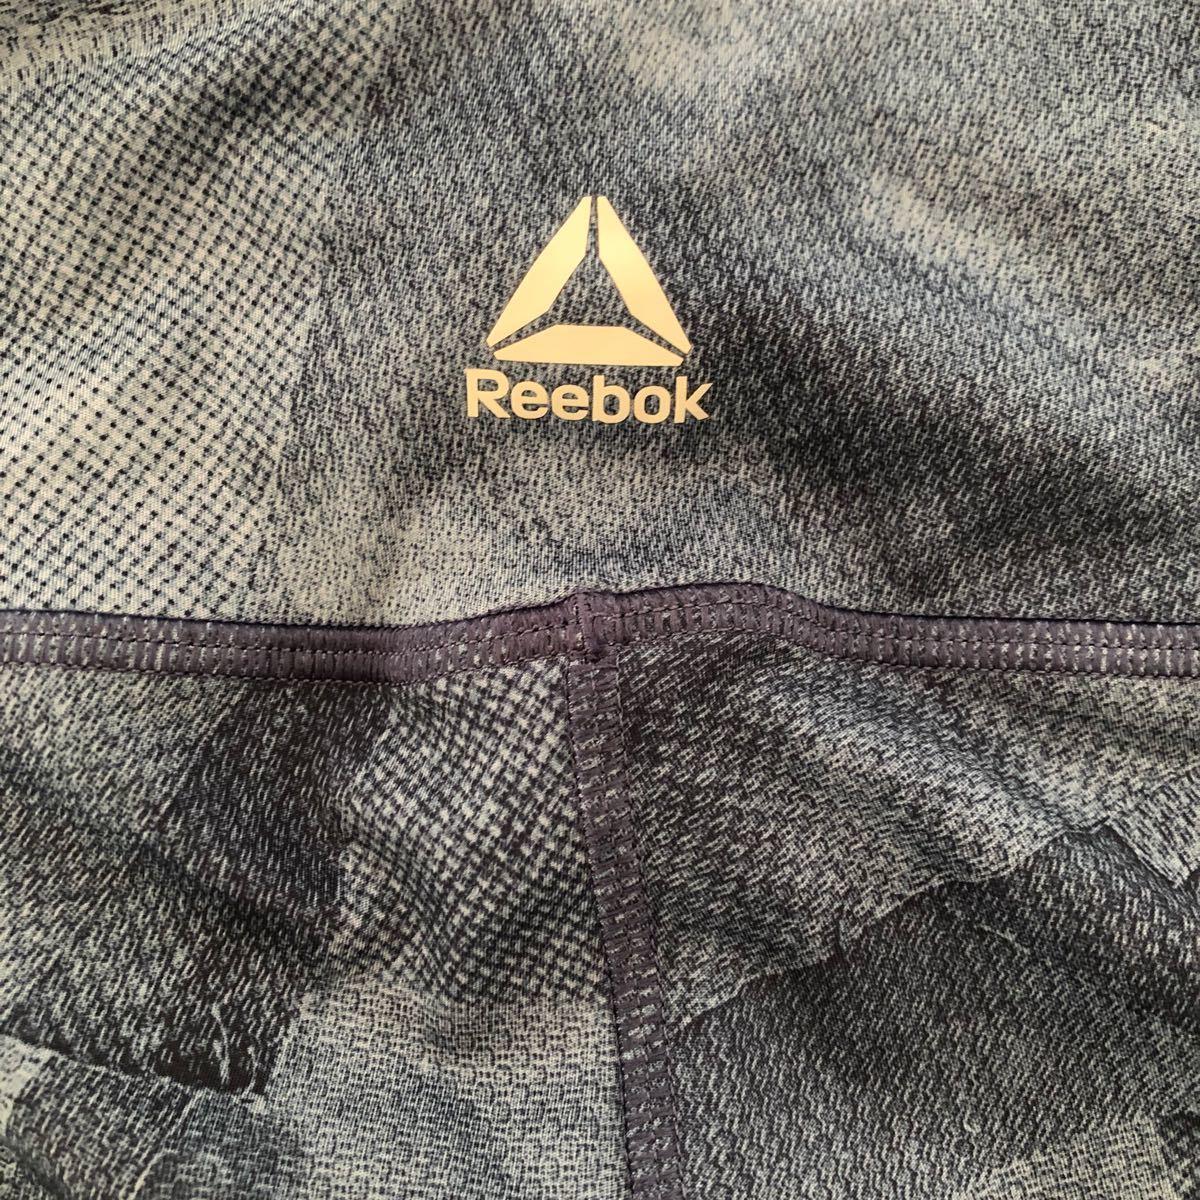 Reebok リーボック   トレーニングウェア  レギンス タイツ Sサイズ レディース  ジム トレーニング ブルー